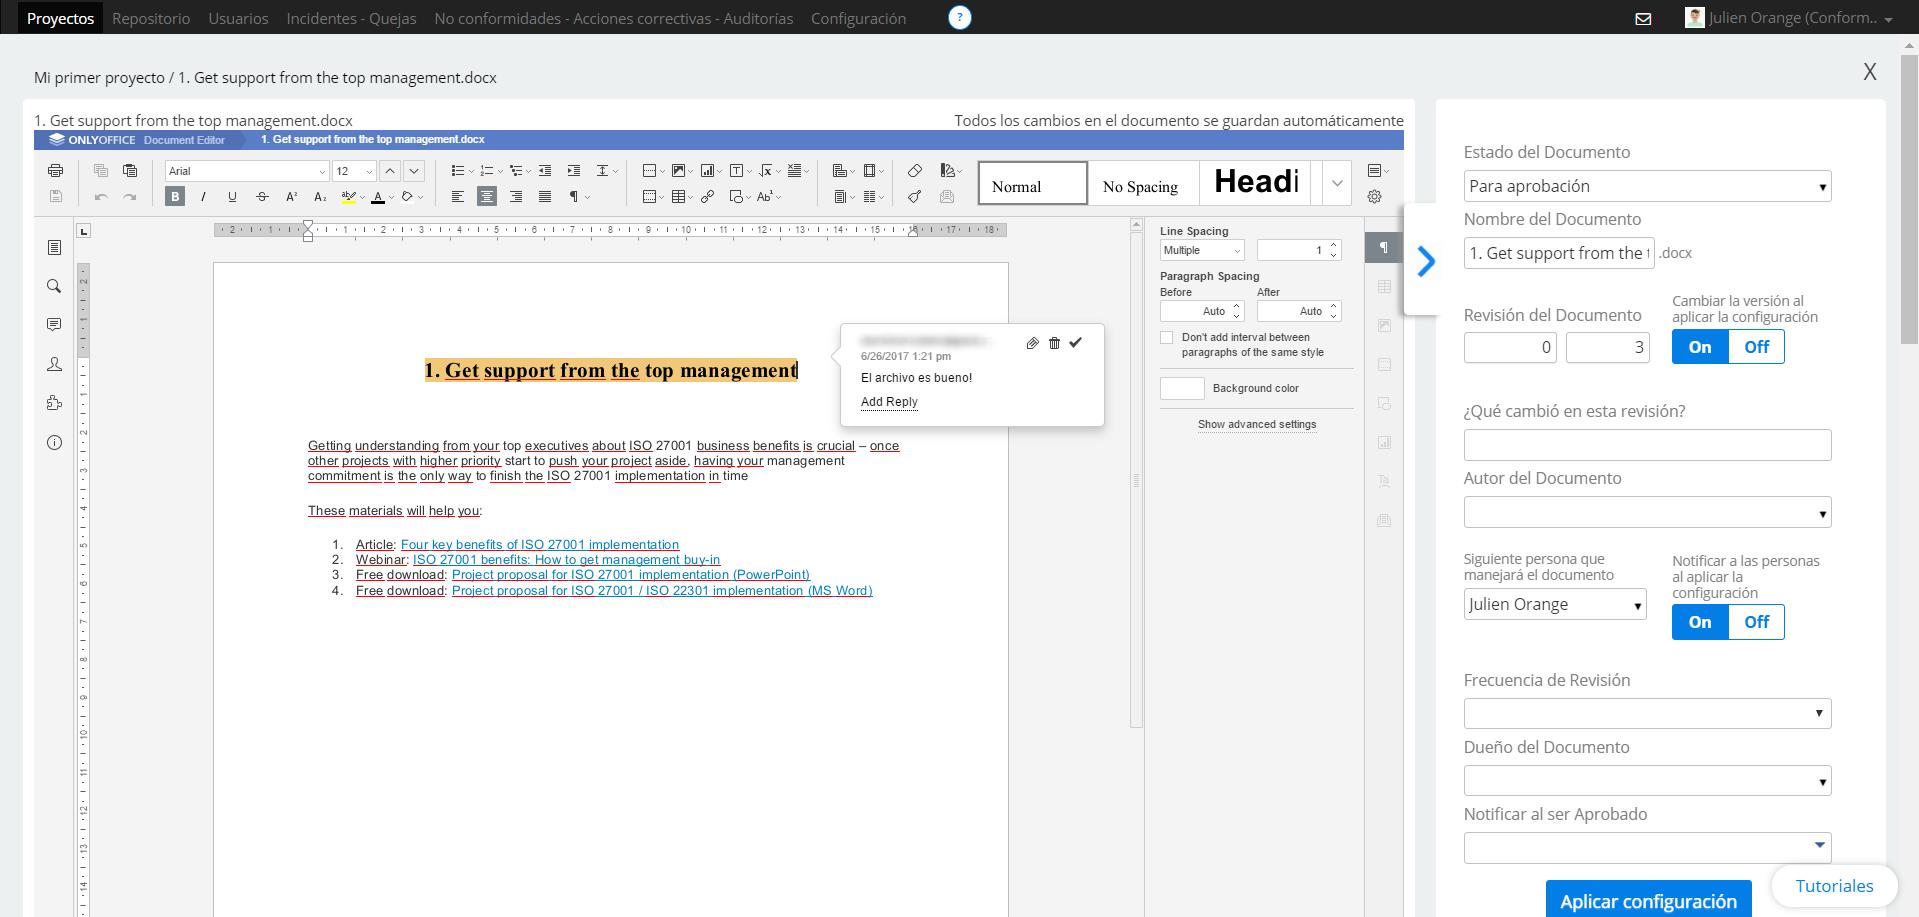 Editar archivos - Centro de soporte